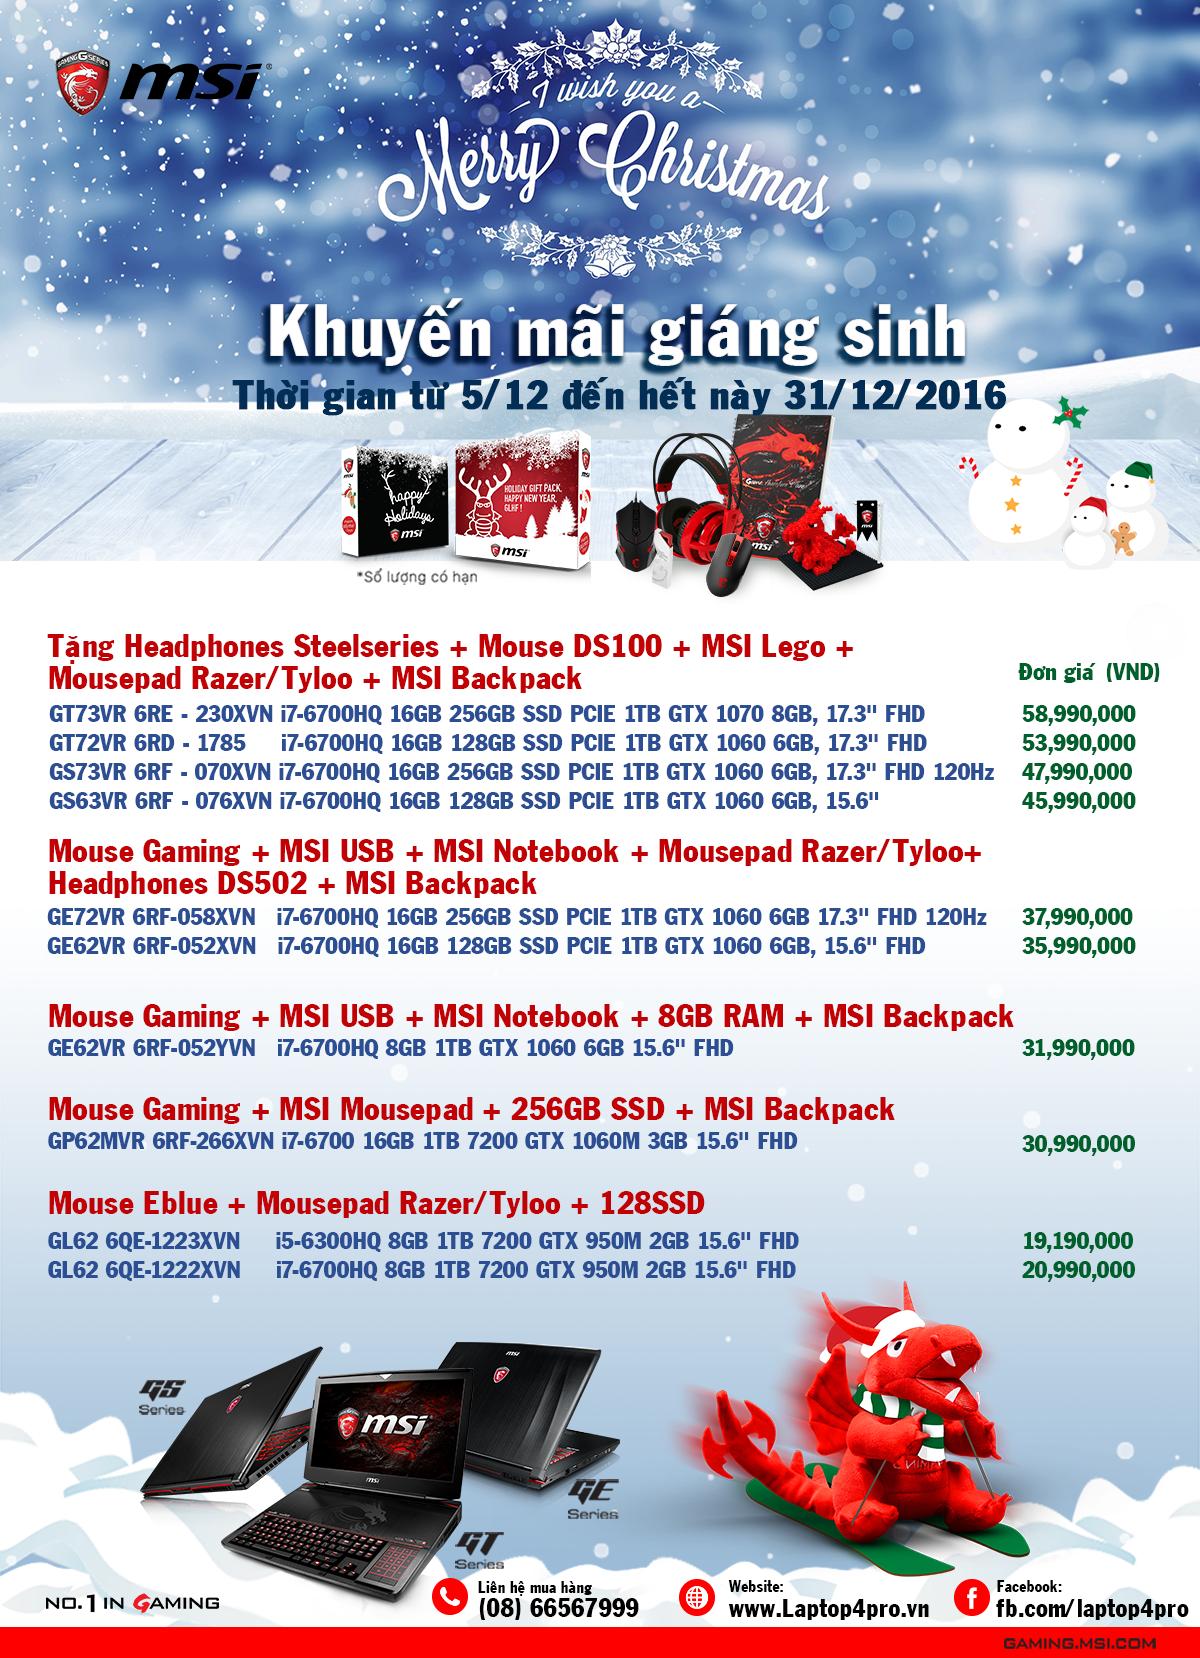 Khuyến mãi nhân dịp giáng sinh cùng MSI - 158560